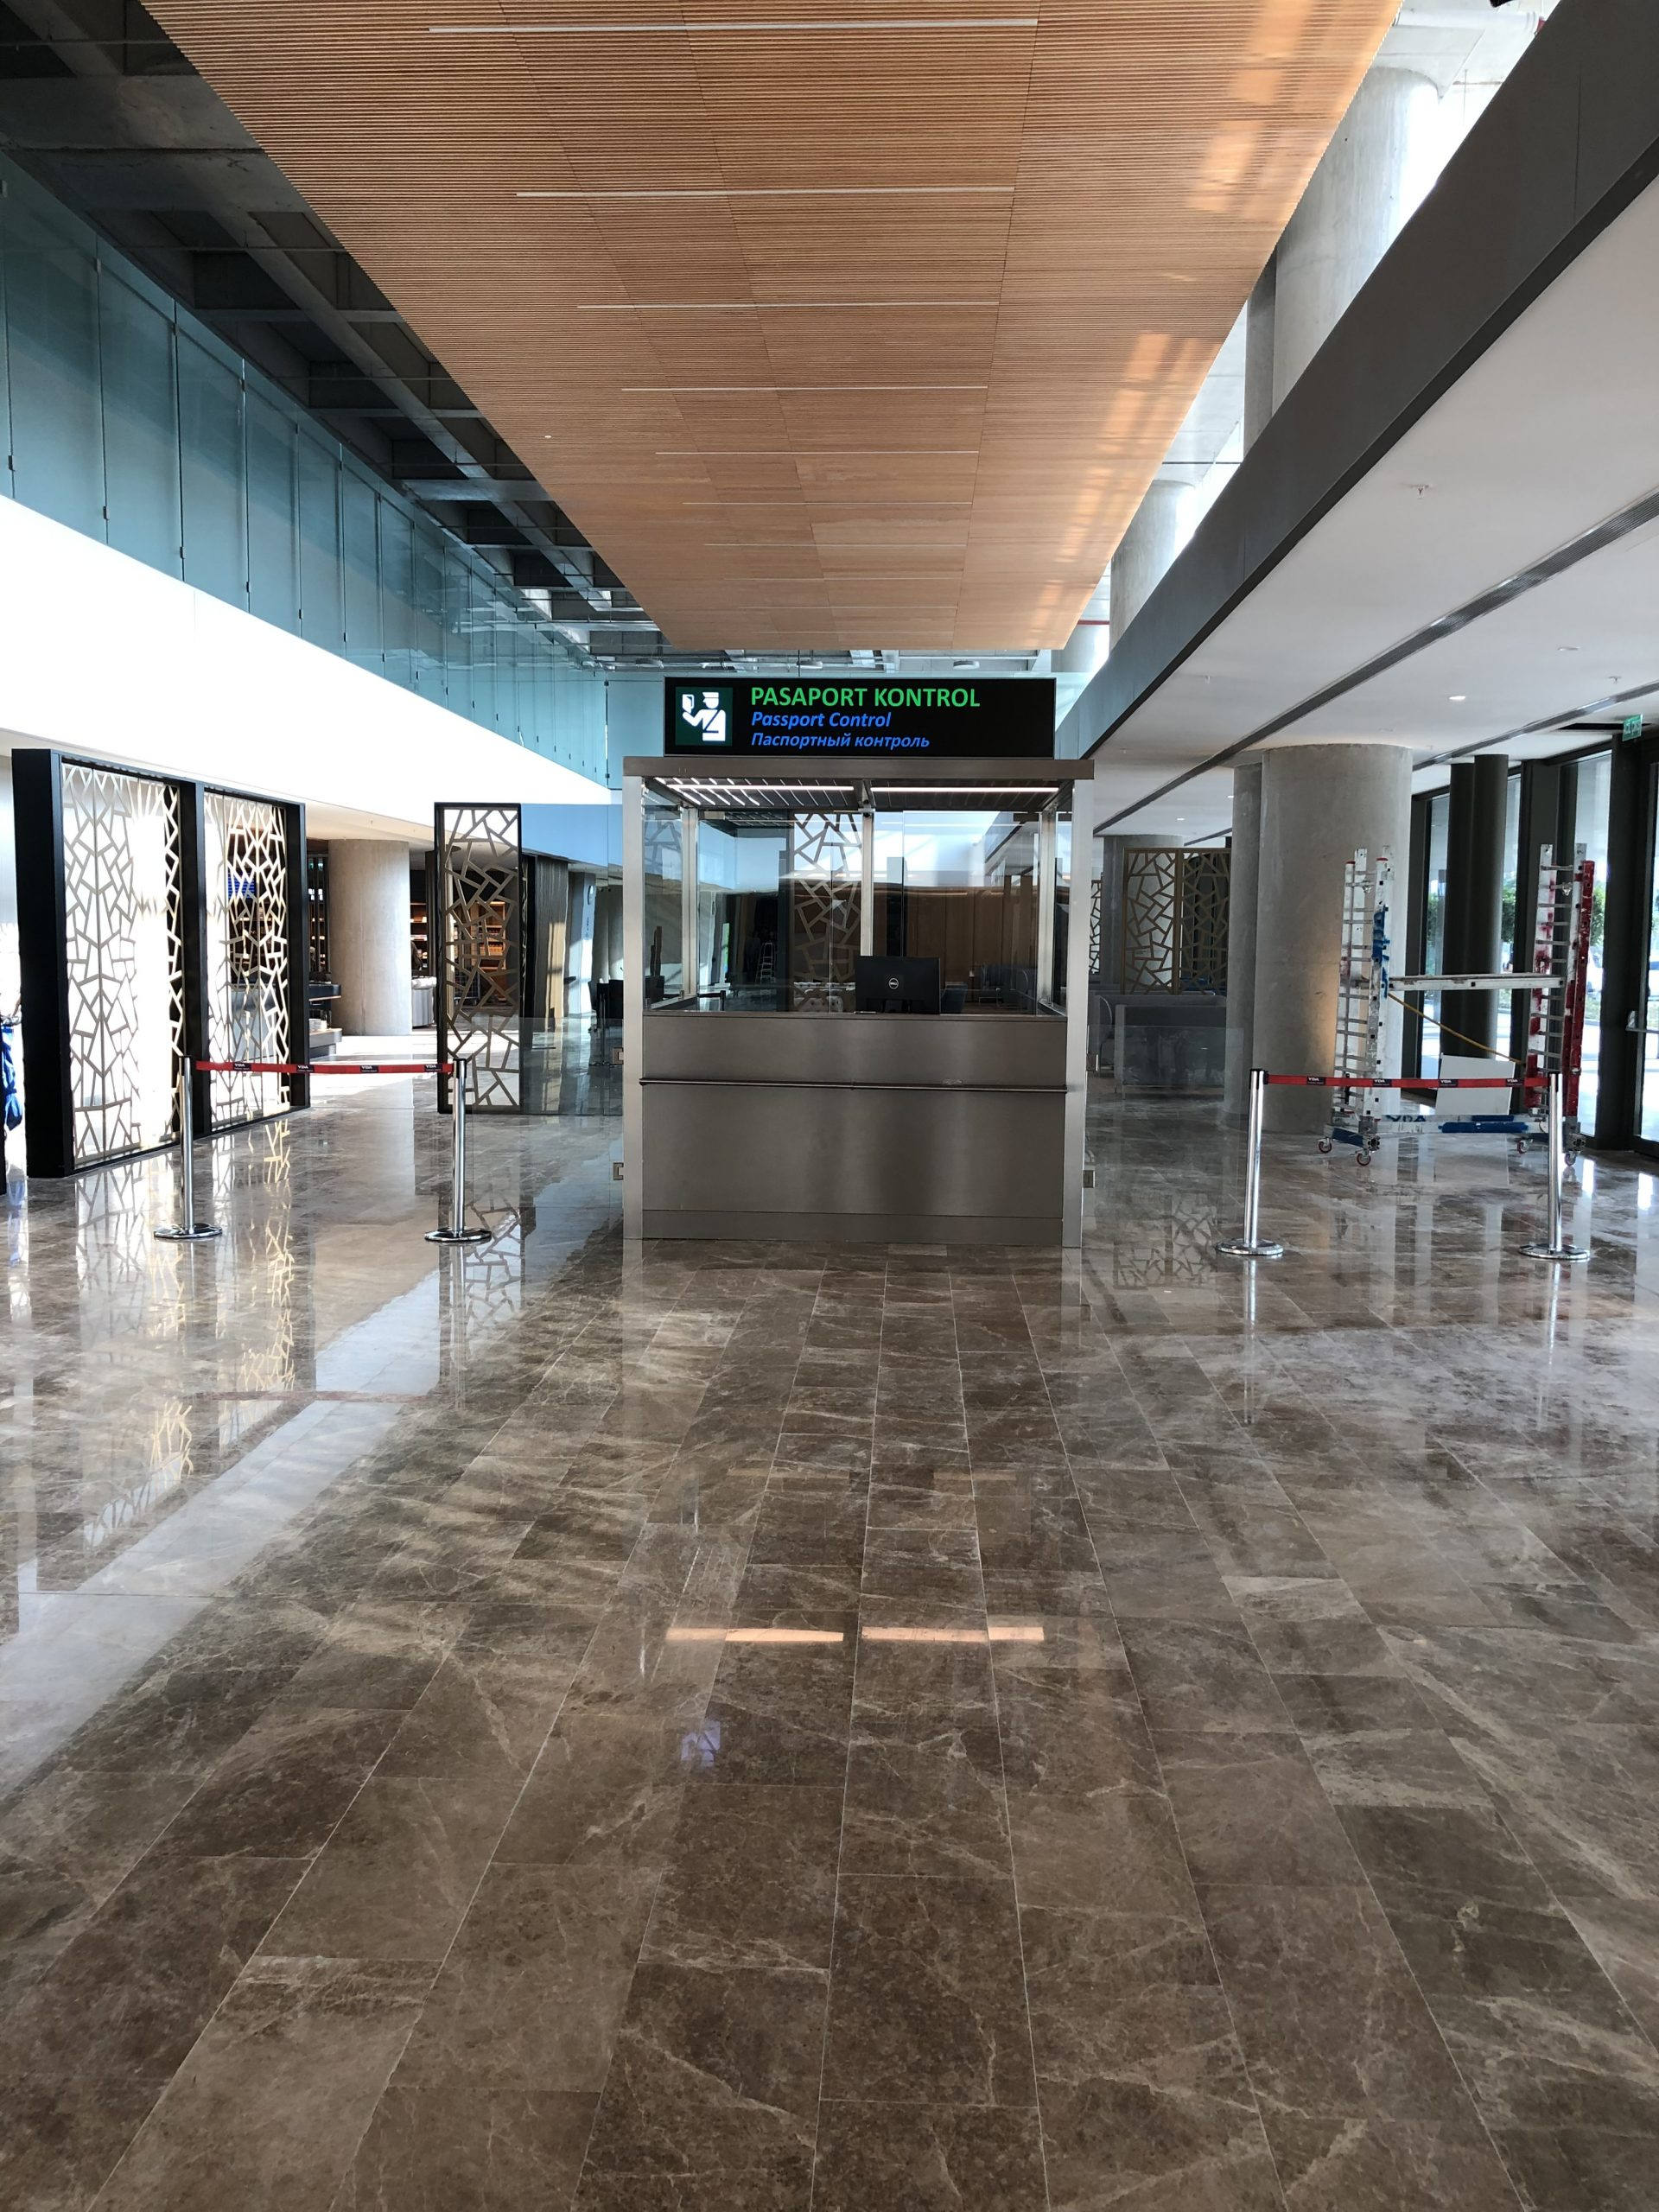 DALAMAN INTERNATIONAL AIRPORT / TURKEY – 2018